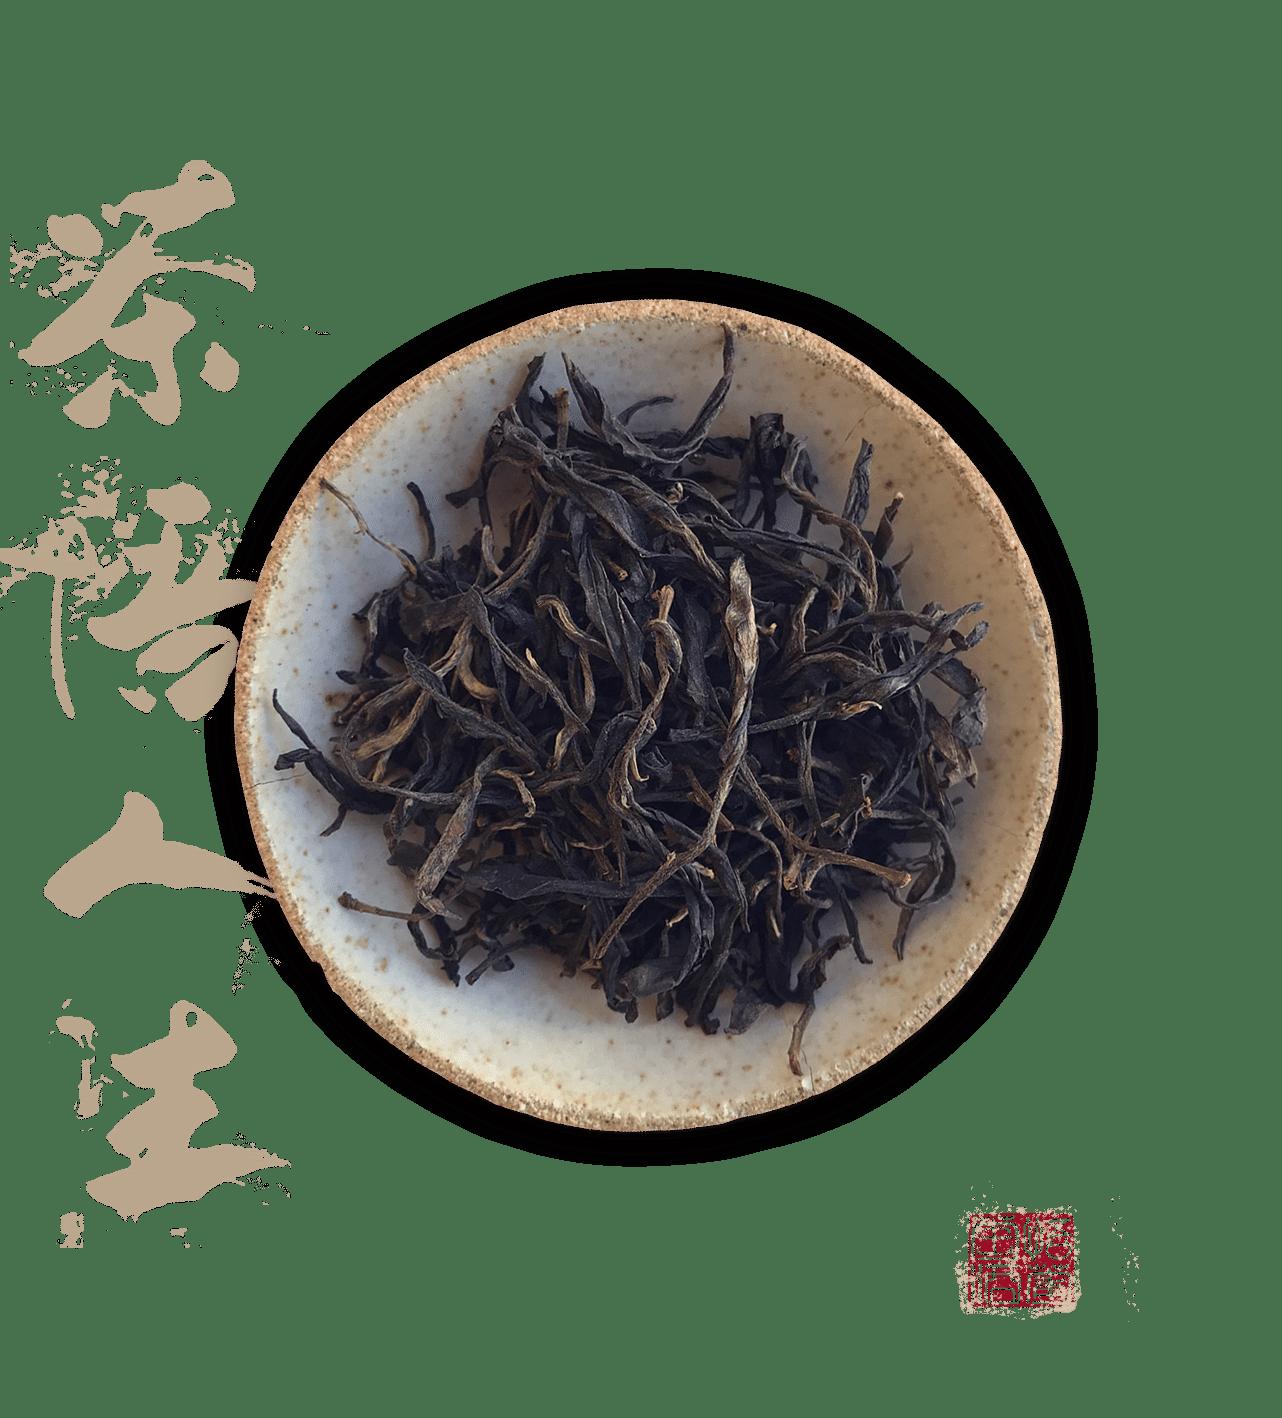 Wang bing zi juan is a purple pu erh from yiwu